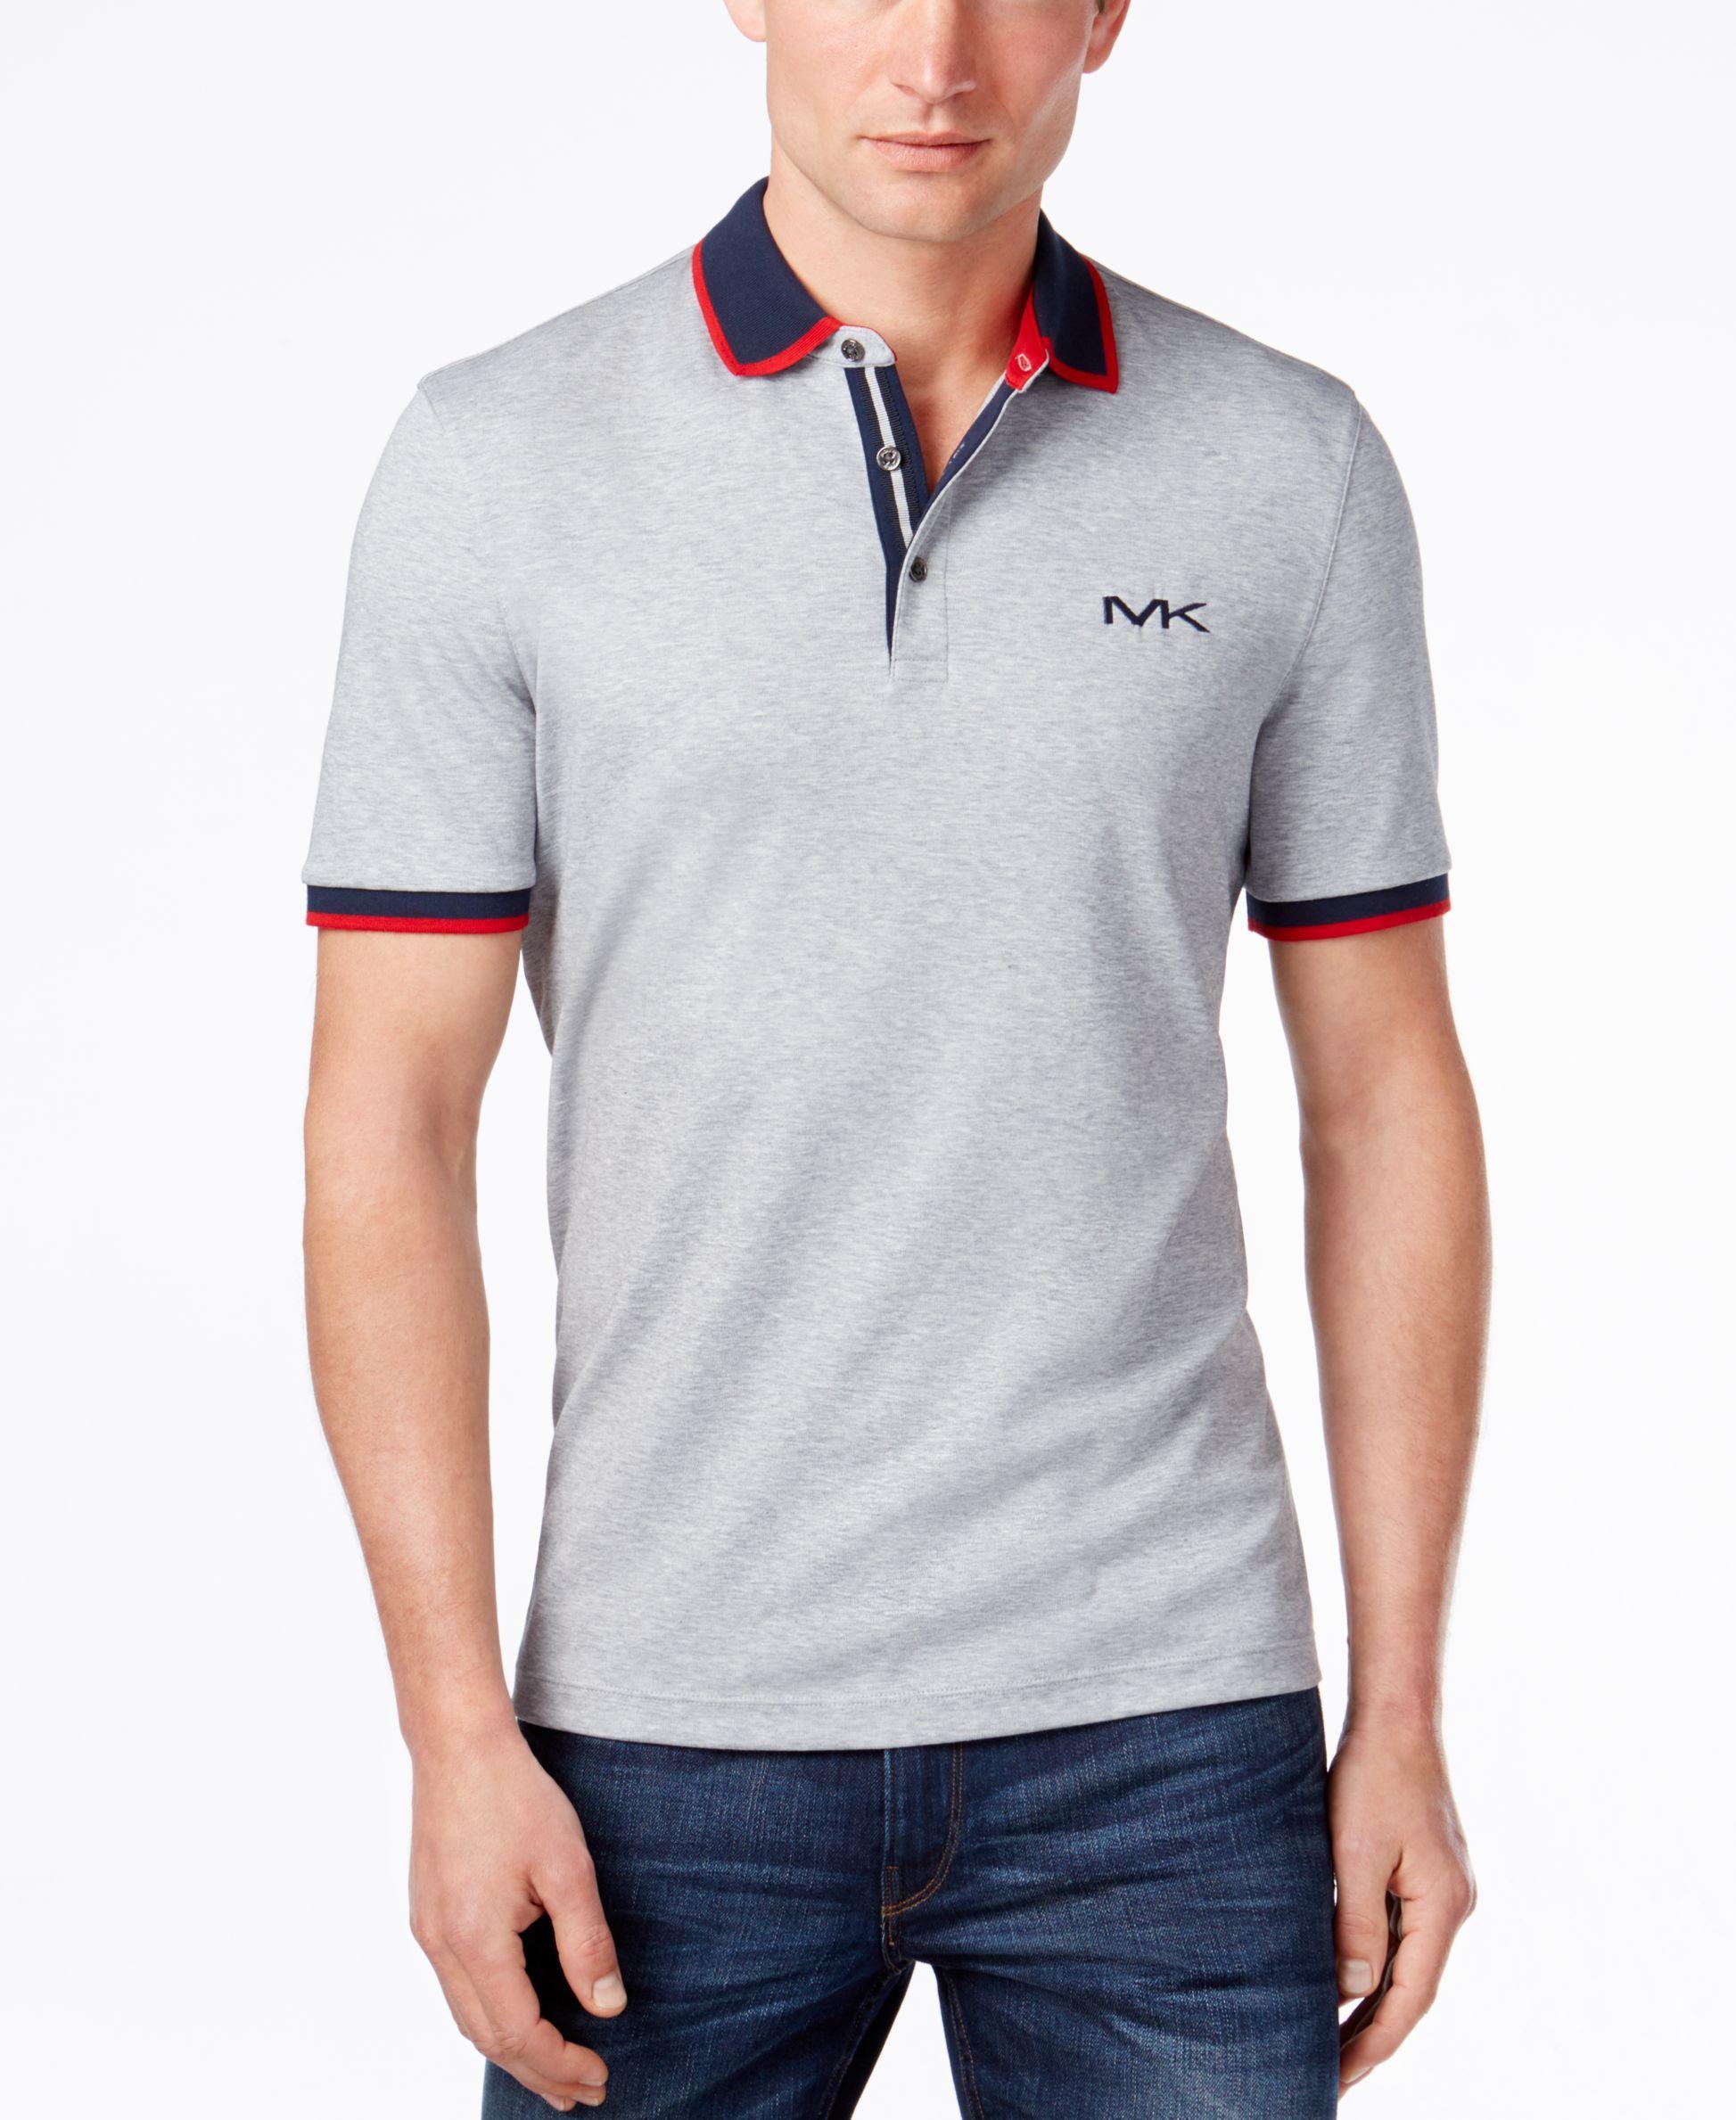 mercedes shirts benz tee hamilton amg meilleure dans of t voiture shirt